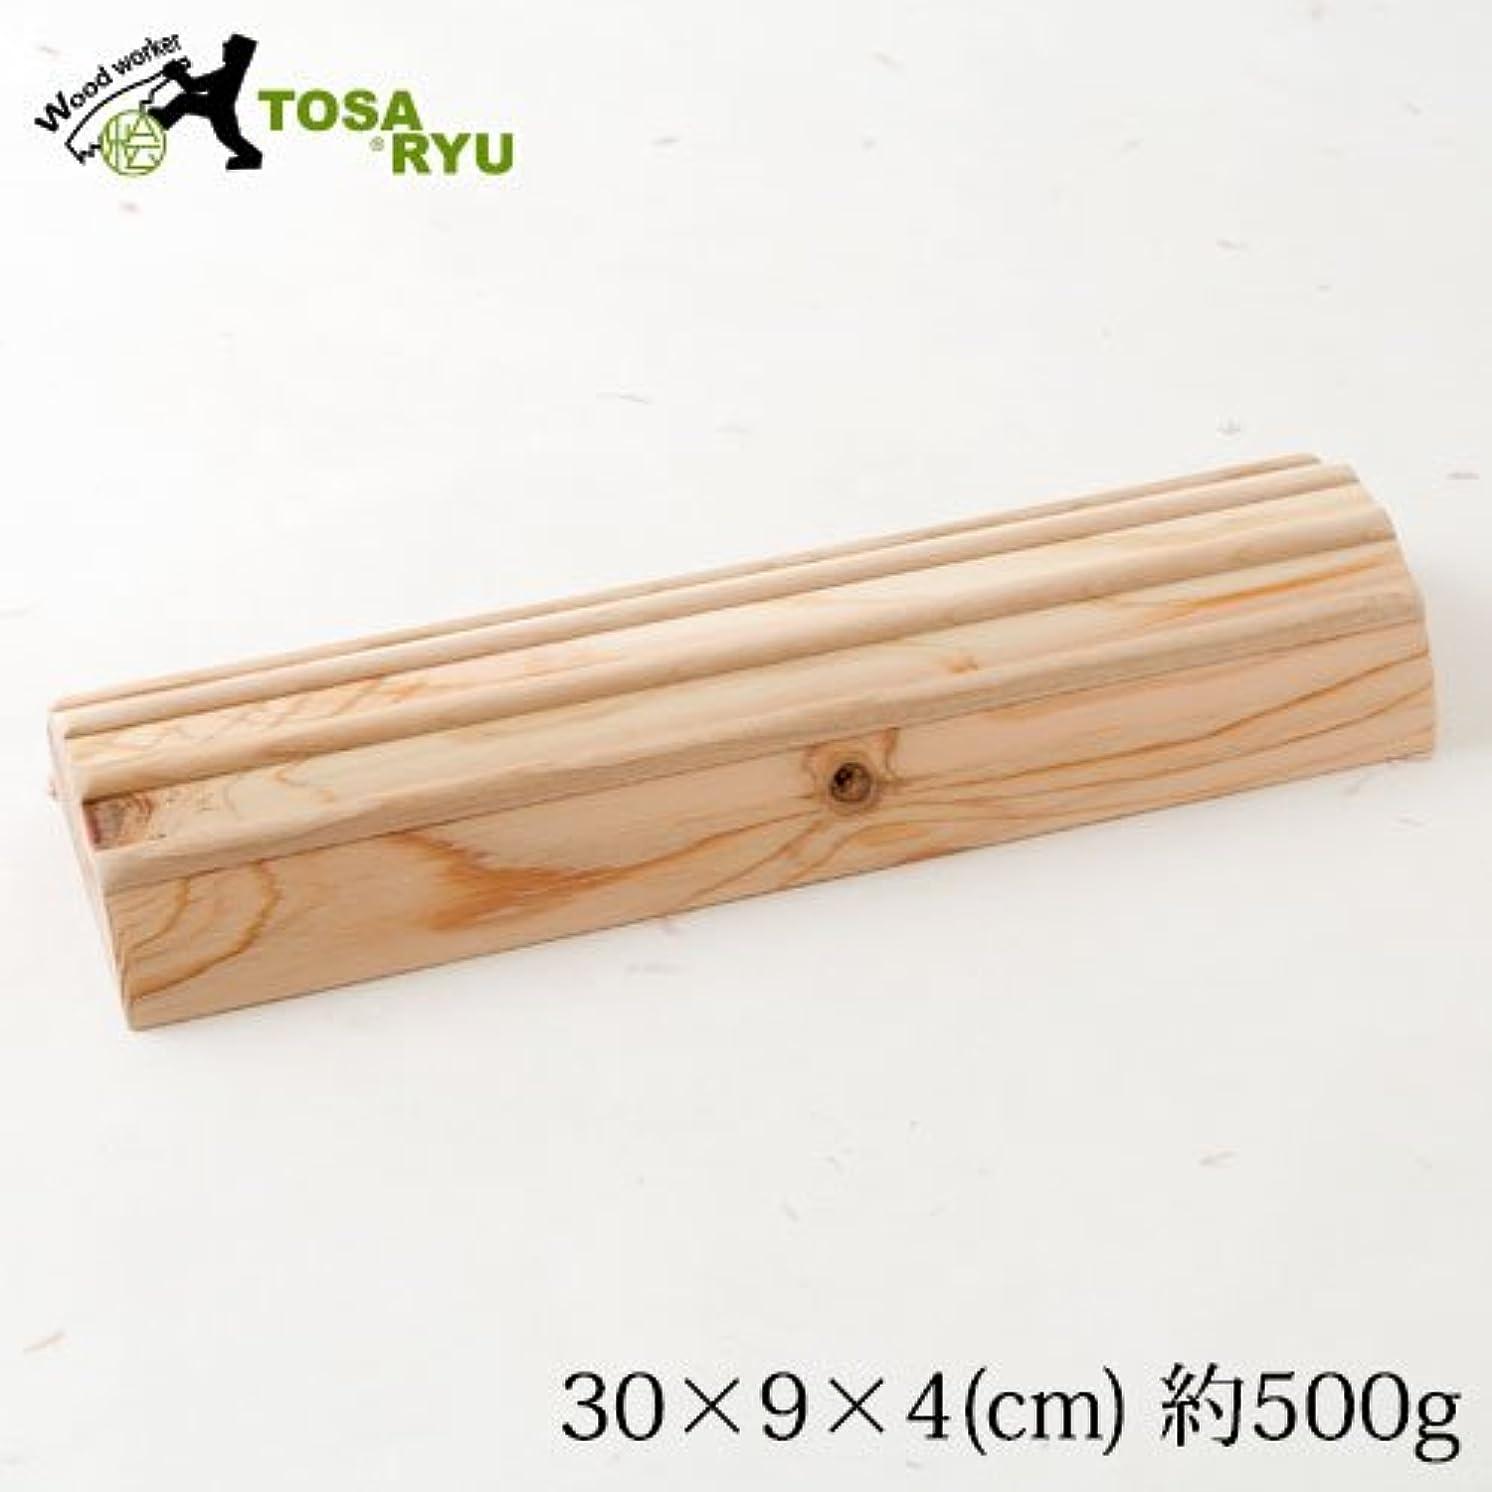 バーストアジテーション適度に土佐龍四万十ひのき足踏み高知県の工芸品Cypress Foot Massager, Kochi craft